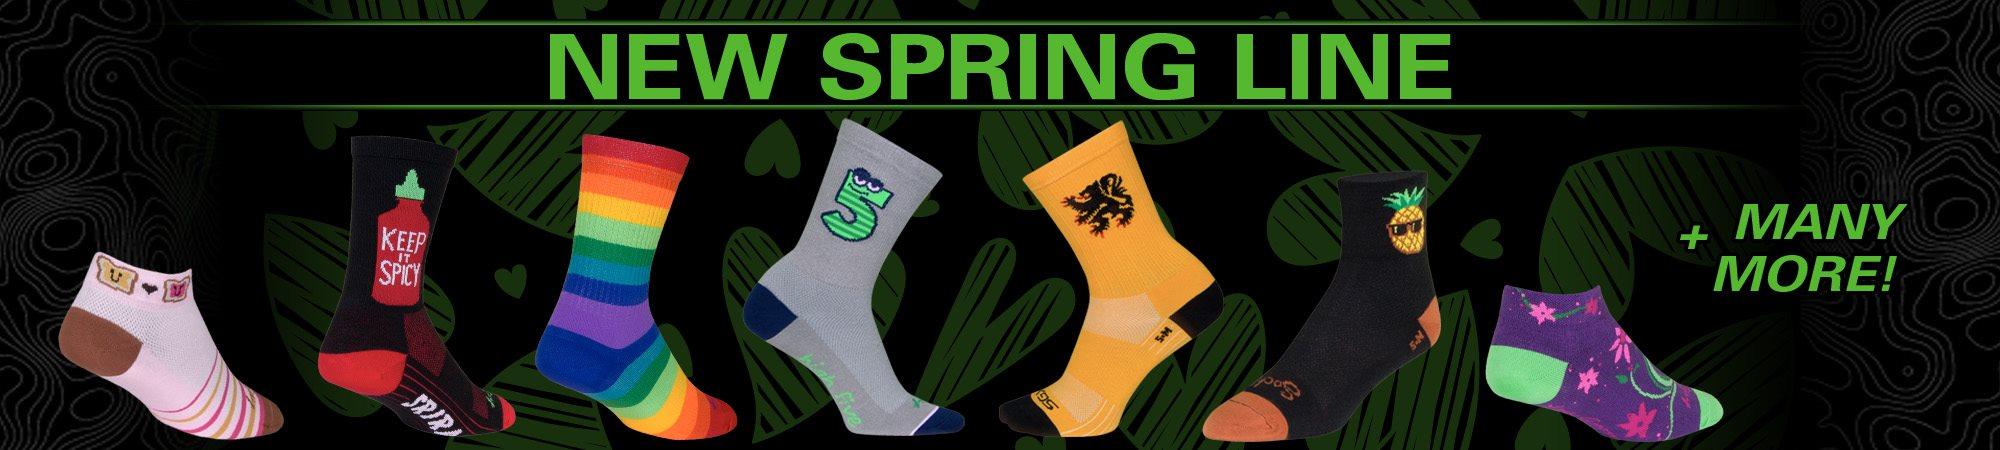 SockGuy_Spring_2020_Line